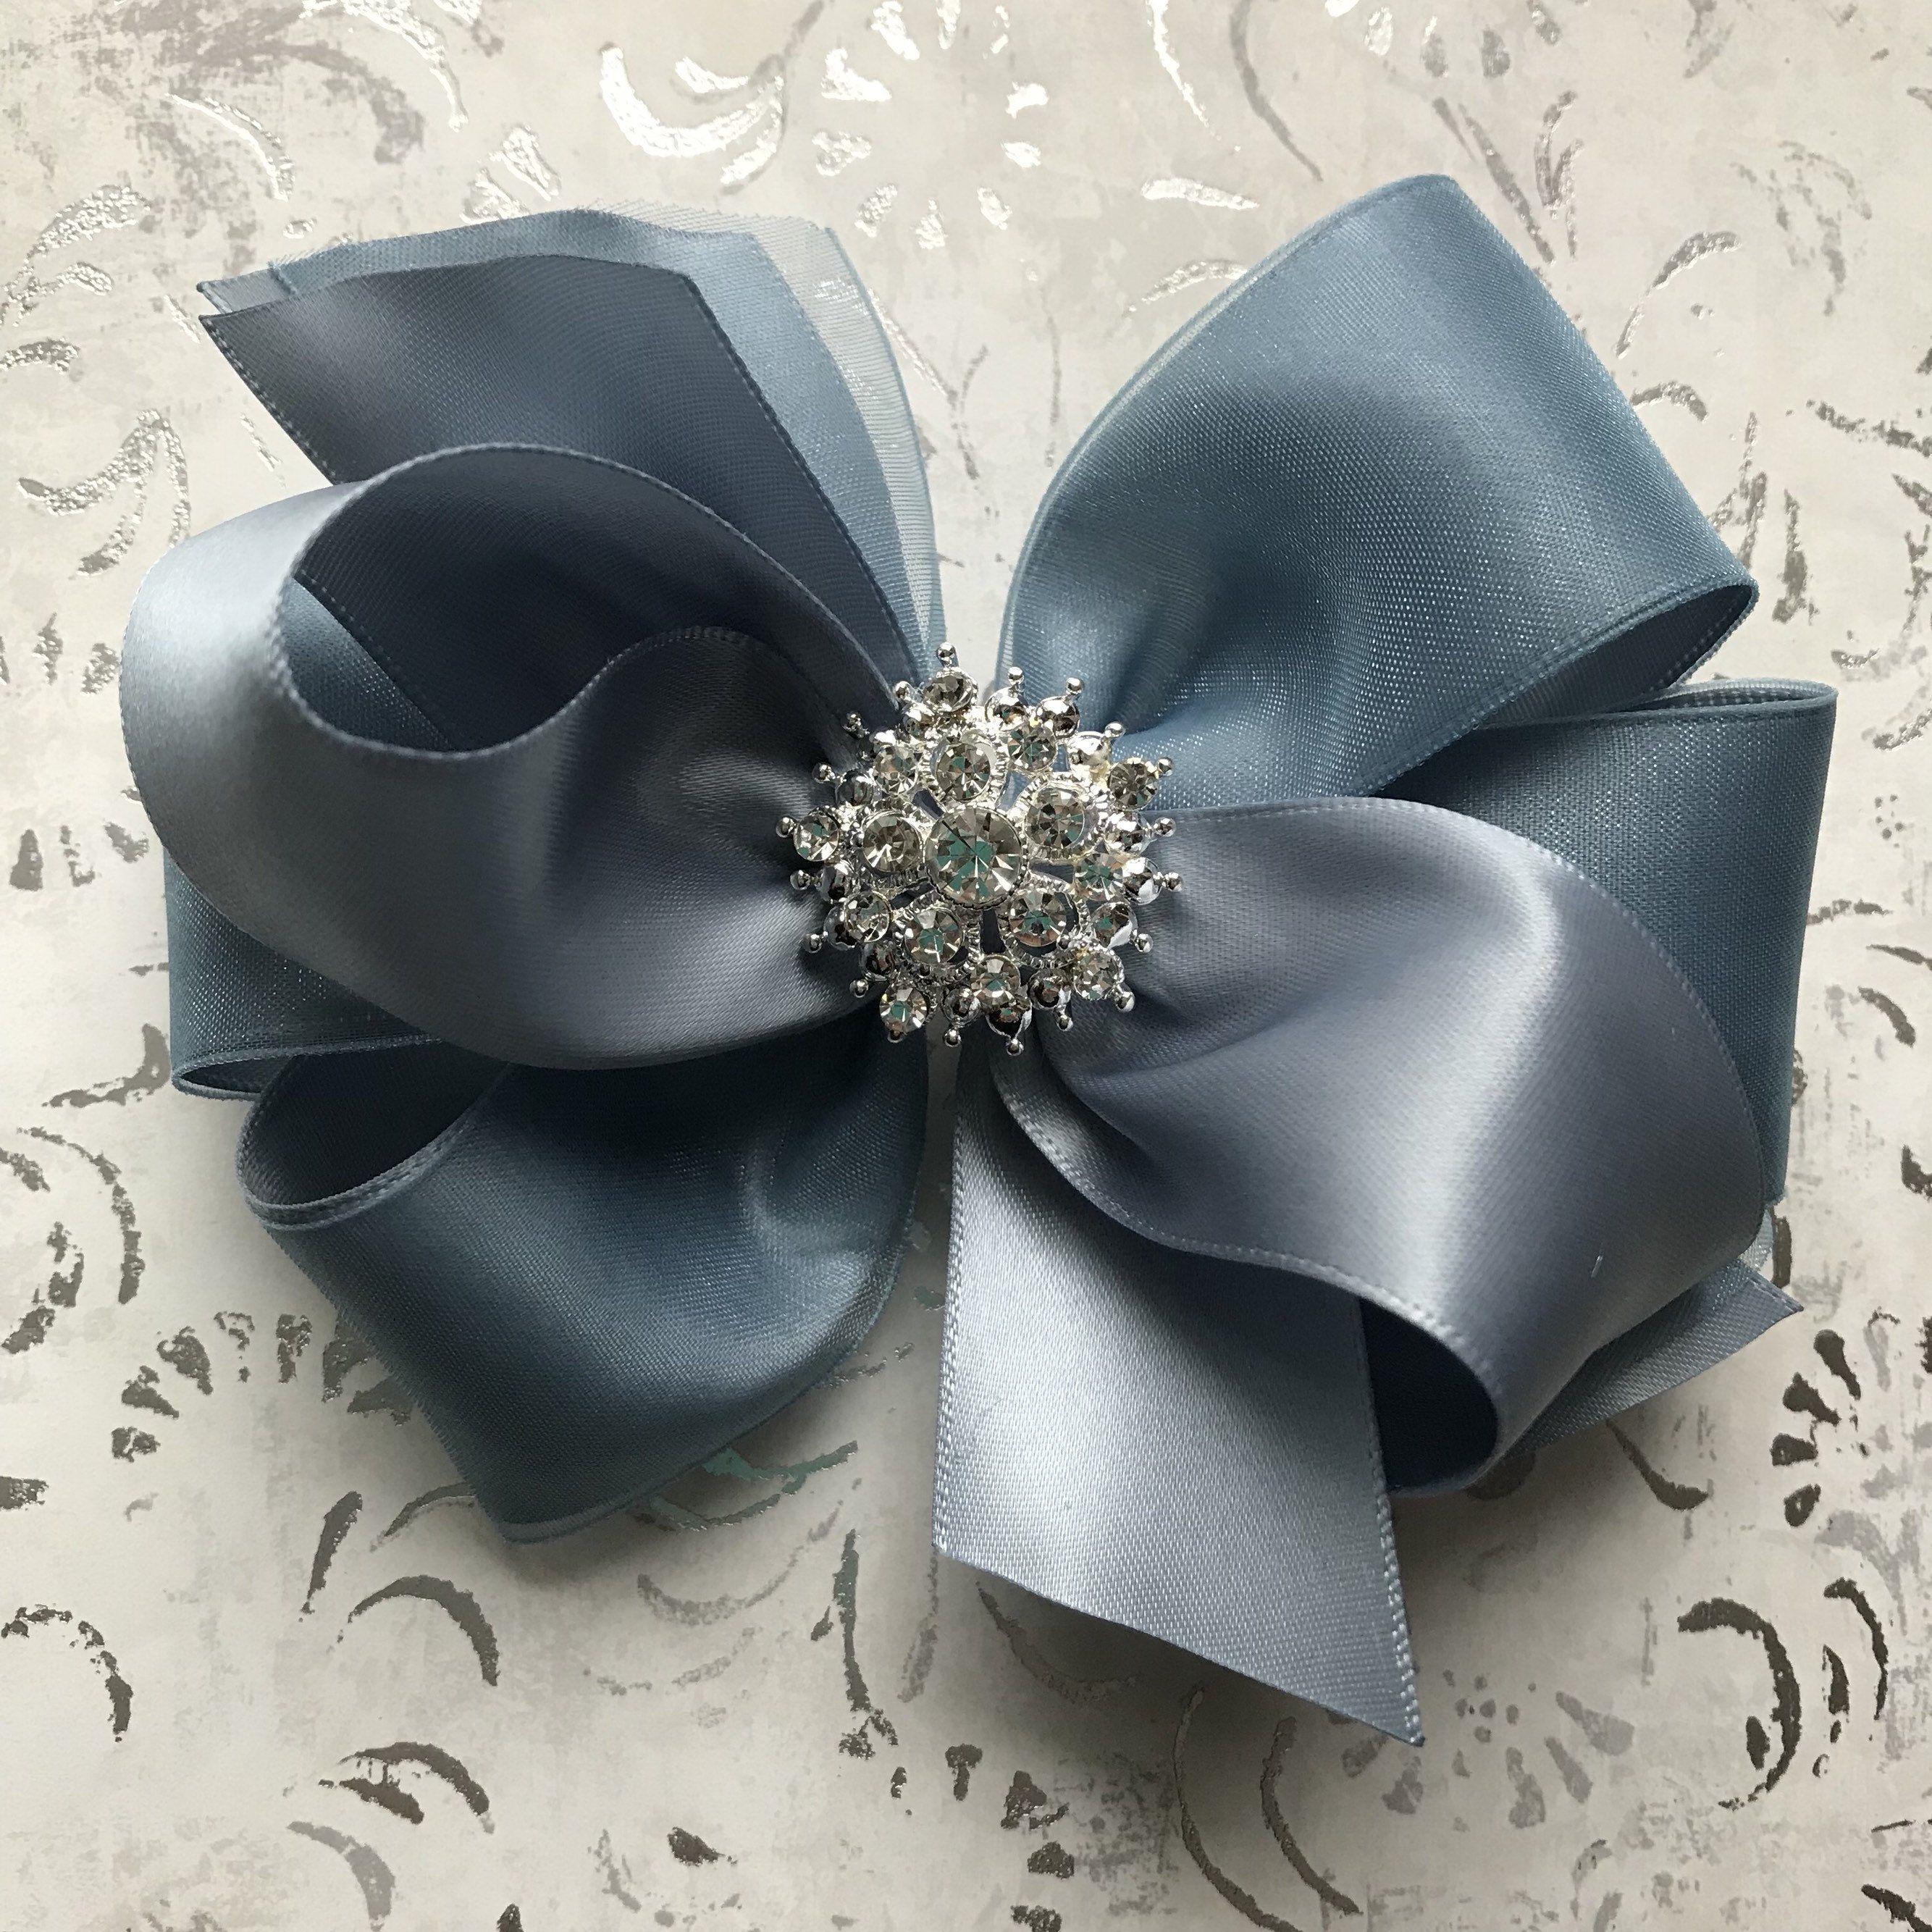 1x 8cm FABRIC FLOWER HAIR CLIP GRIP FUCHSIA PINK CREAM WHITE BLACK OR NAVY BLUE